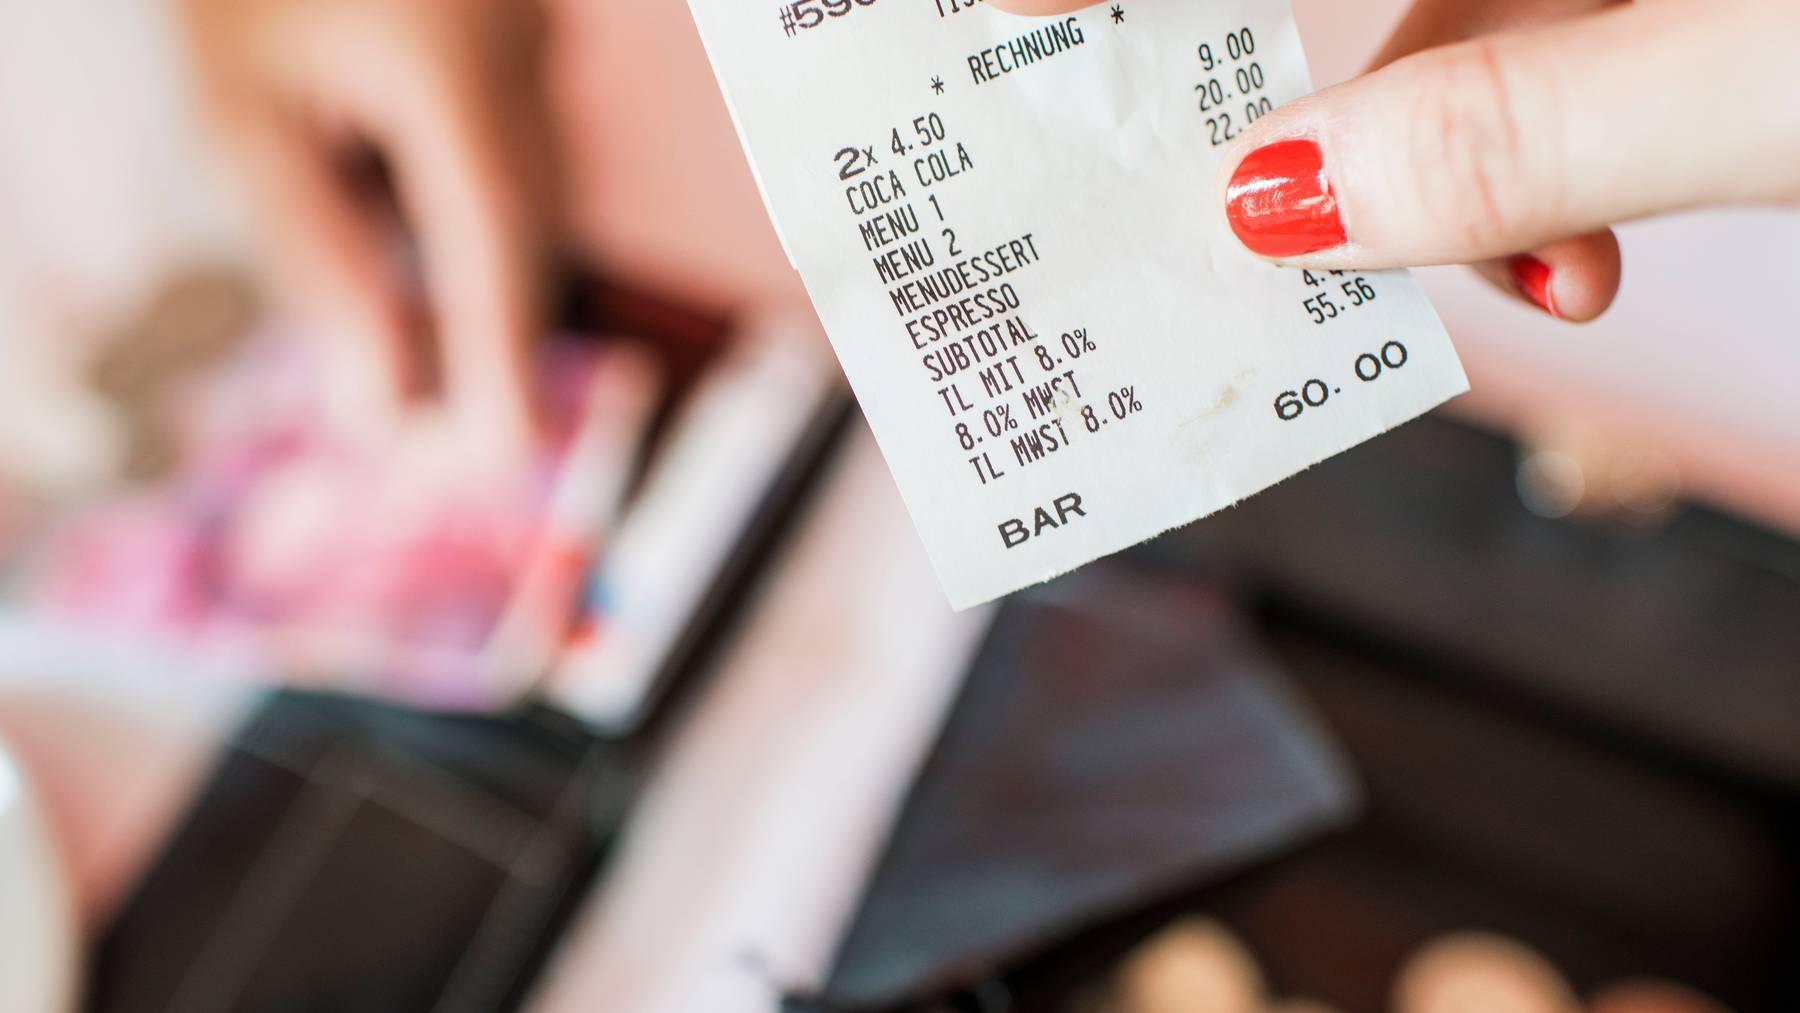 Firmen, welche dem Bund die Mehrwertsteuer zu spät überweisen, schulden dem Staat im neuen Jahr wieder einen Verzugszins.